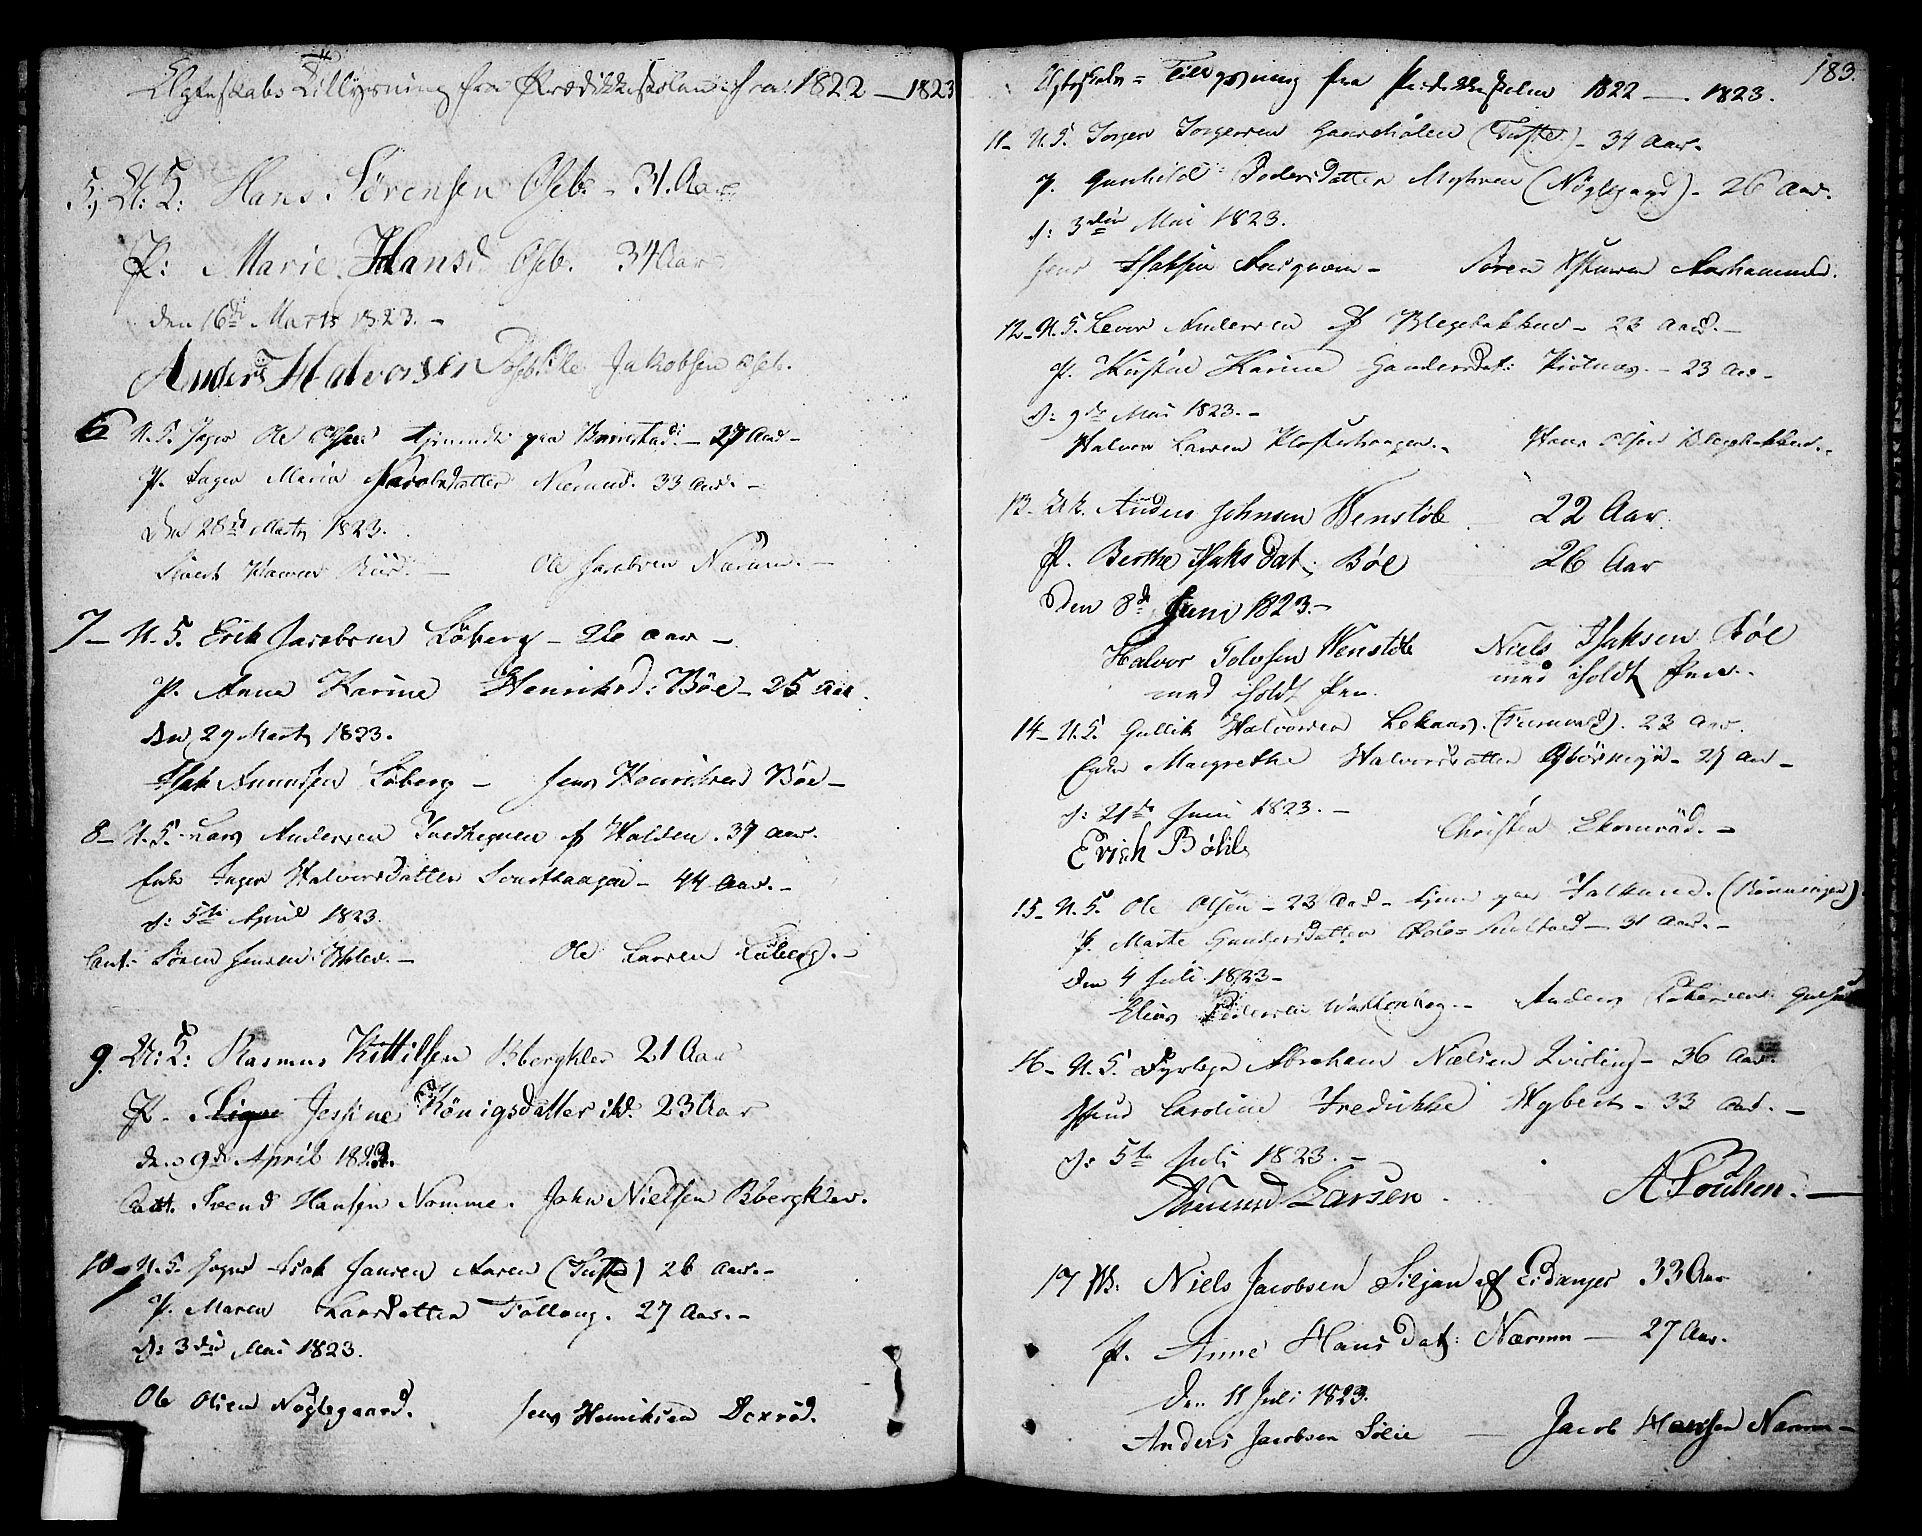 SAKO, Gjerpen kirkebøker, F/Fa/L0003: Ministerialbok nr. 3, 1796-1814, s. 183